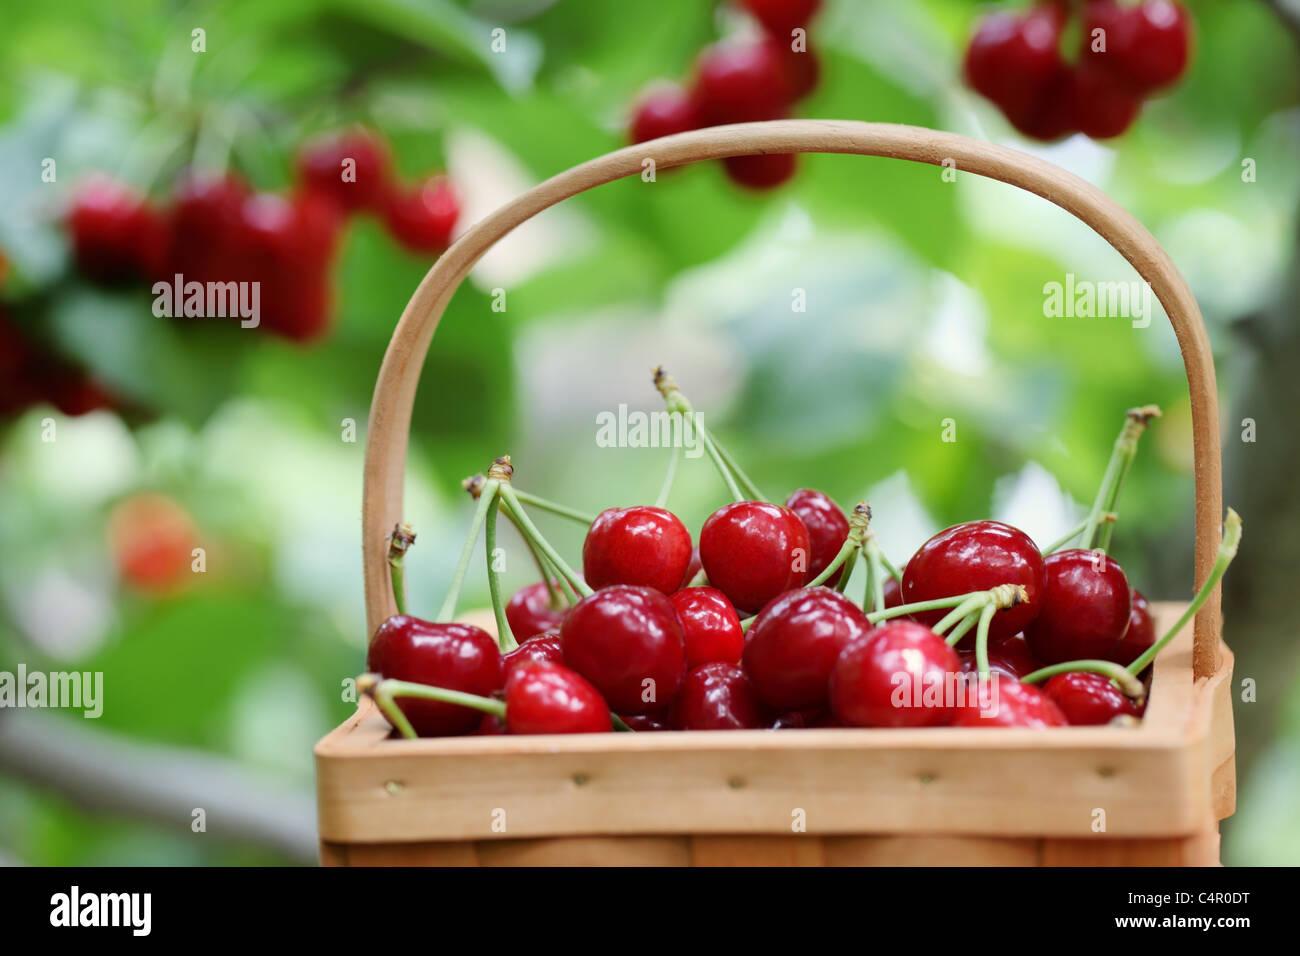 Fresche ciliege rosse su una scena di orchard ,Shallow Dof. Immagini Stock